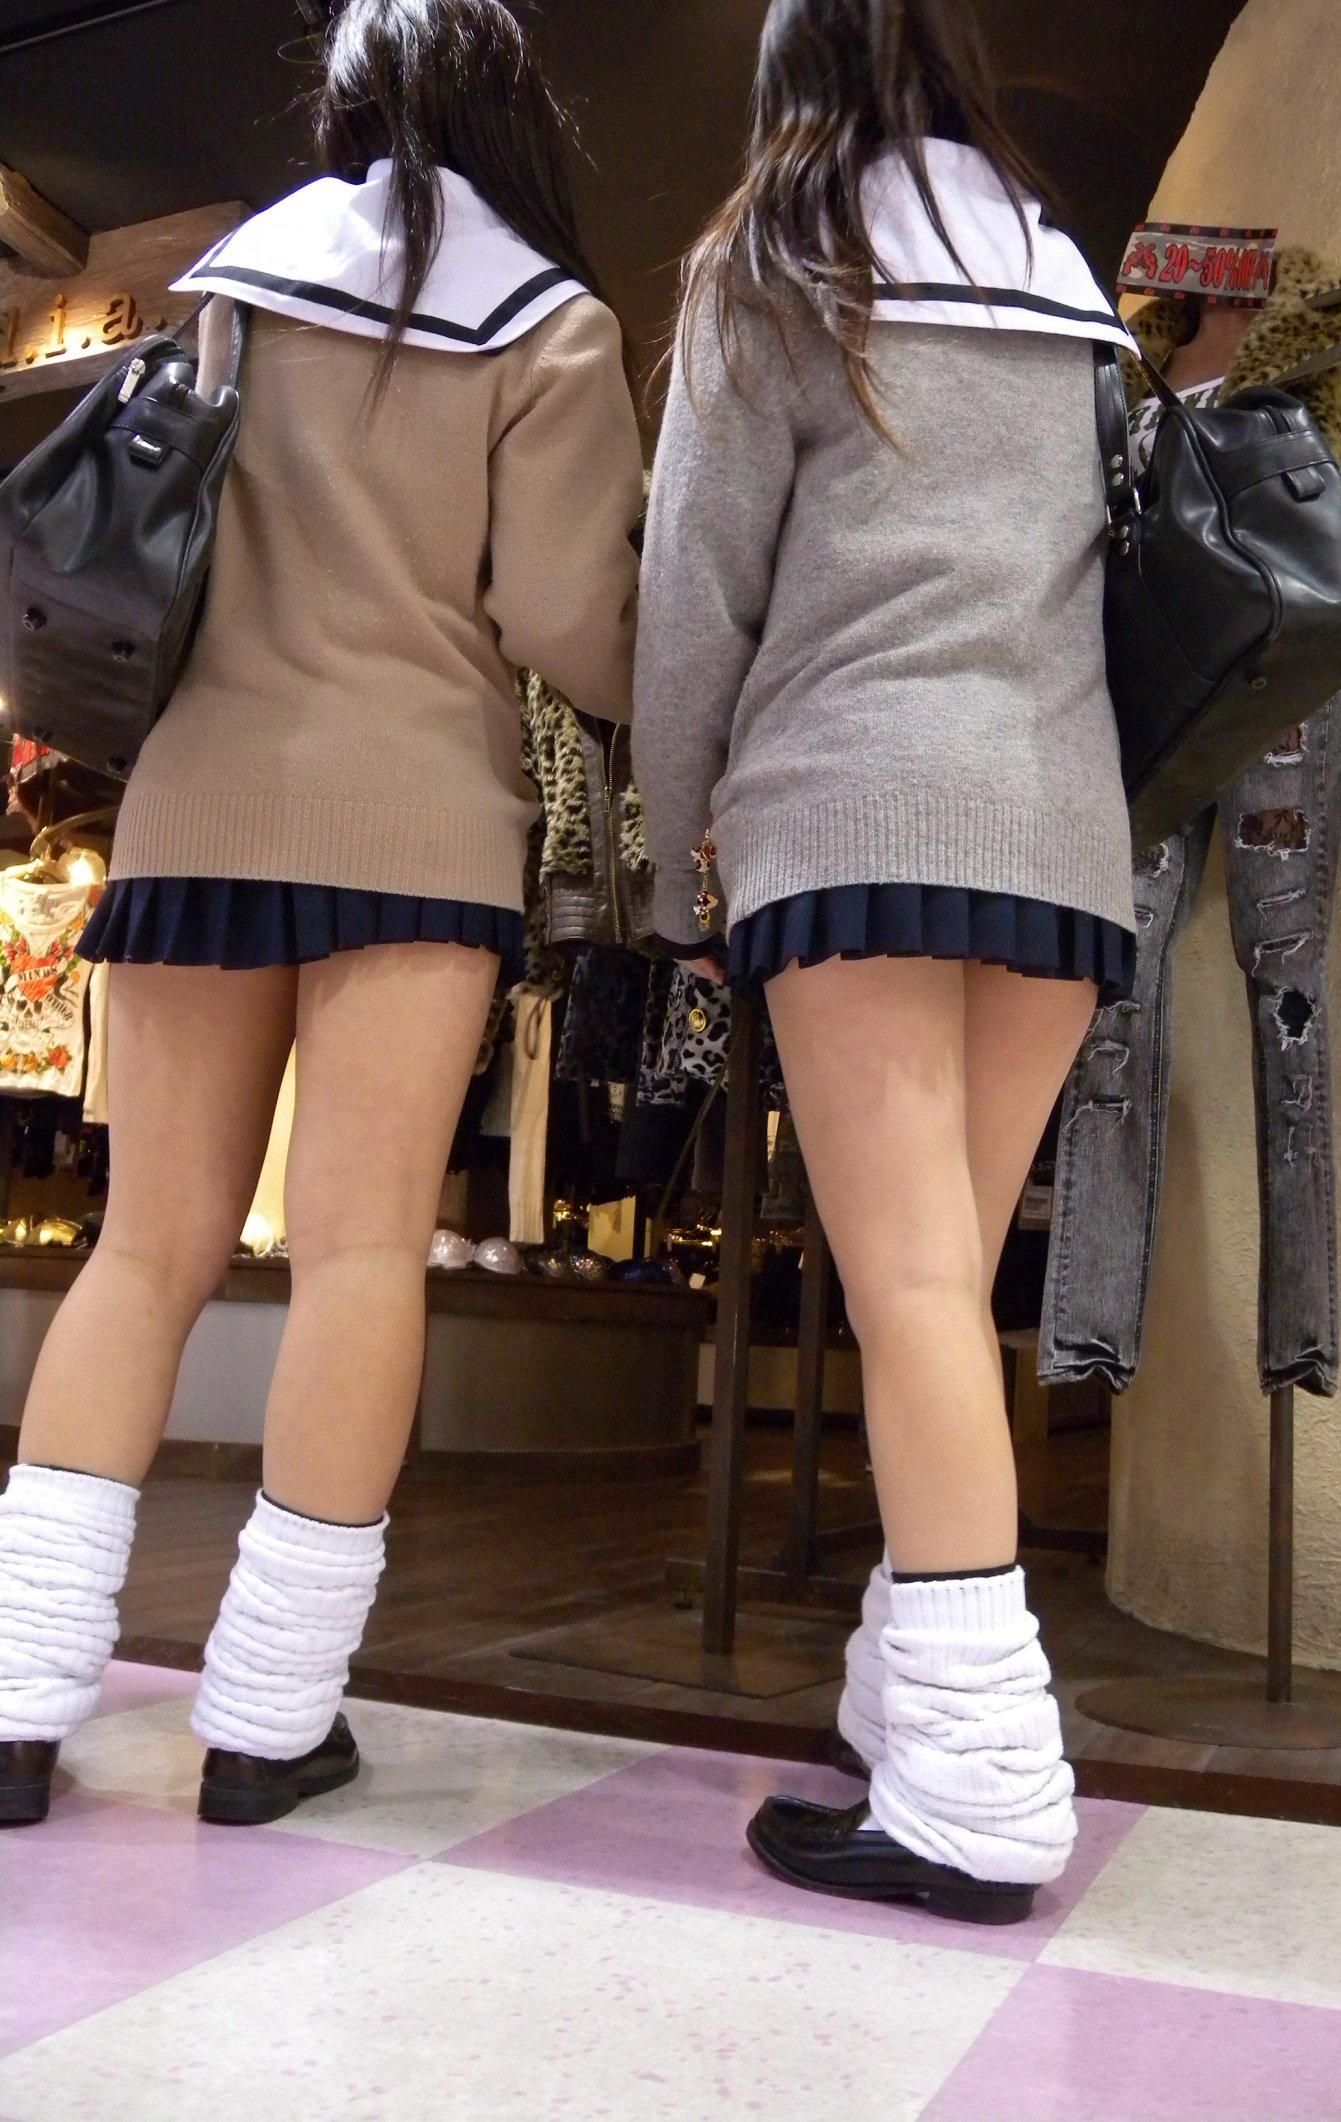 ムチムチエッチな女子高生の太ももの街撮り画像018